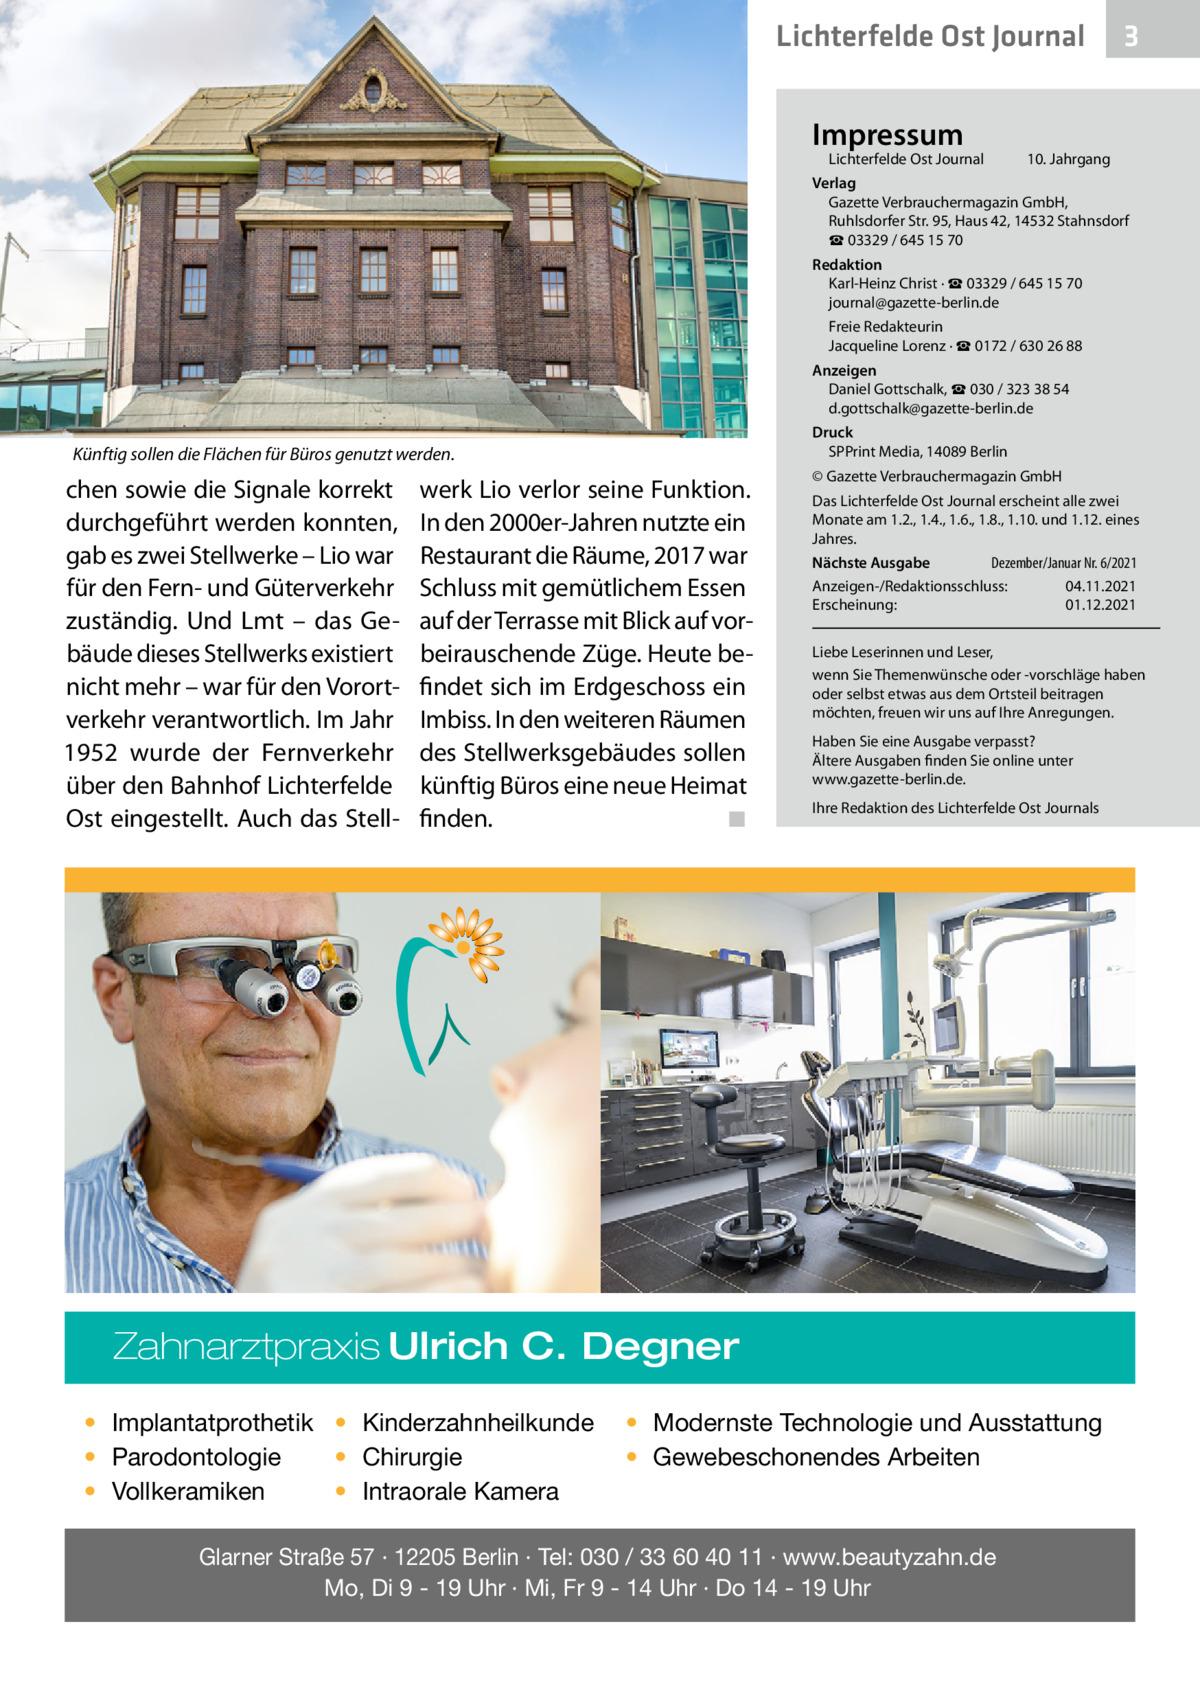 Lichterfelde Ost Journal Impressum  Lichterfelde Ost Journal  3  10. Jahrgang  Verlag Gazette Verbrauchermagazin GmbH, RuhlsdorferStr.95, Haus 42, 14532 Stahnsdorf ☎ 03329 / 645 15 70 Redaktion Karl-Heinz Christ · ☎ 03329 / 645 15 70 journal@gazette-berlin.de Freie Redakteurin Jacqueline Lorenz · ☎ 0172/ 6302688 Anzeigen Daniel Gottschalk, ☎ 030 / 323 38 54 d.gottschalk@gazette-berlin.de Druck SPPrint Media, 14089Berlin  Künftig sollen die Flächen für Büros genutzt werden.  chen sowie die Signale korrekt durchgeführt werden konnten, gab es zwei Stellwerke – Lio war für den Fern- und Güterverkehr zuständig. Und Lmt – das Gebäude dieses Stellwerks existiert nicht mehr – war für den Vorortverkehr verantwortlich. Im Jahr 1952 wurde der Fernverkehr über den Bahnhof Lichterfelde Ost eingestellt. Auch das Stell werk Lio verlor seine Funktion. In den 2000er-Jahren nutzte ein Restaurant die Räume, 2017 war Schluss mit gemütlichem Essen auf der Terrasse mit Blick auf vorbeirauschende Züge. Heute befindet sich im Erdgeschoss ein Imbiss. In den weiteren Räumen des Stellwerksgebäudes sollen künftig Büros eine neue Heimat finden. � ◾  © Gazette Verbrauchermagazin GmbH Das Lichterfelde Ost Journal erscheint alle zwei Monate am 1.2., 1.4., 1.6., 1.8., 1.10. und 1.12. eines Jahres. Dezember/Januar Nr. 6/2021 Nächste Ausgabe  Anzeigen-/Redaktionsschluss:04.11.2021 Erscheinung:01.12.2021 Liebe Leserinnen und Leser, wenn Sie Themenwünsche oder -vorschläge haben oder selbst etwas aus dem Ortsteil beitragen möchten, freuen wir uns auf Ihre Anregungen. Haben Sie eine Ausgabe verpasst? Ältere Ausgaben finden Sie online unter www.gazette-berlin.de. Ihre Redaktion des Lichterfelde Ost Journals  Zahnarztpraxis Ulrich C. Degner • Implantatprothetik • Kinderzahnheilkunde • Chirurgie • Parodontologie • Intraorale Kamera • Vollkeramiken  • Modernste Technologie und Ausstattung • Gewebeschonendes Arbeiten  Glarner Straße 57 · 12205 Berlin · Tel: 030 / 33 60 40 11 · www.beautyzahn.de Mo, Di 9 - 19 